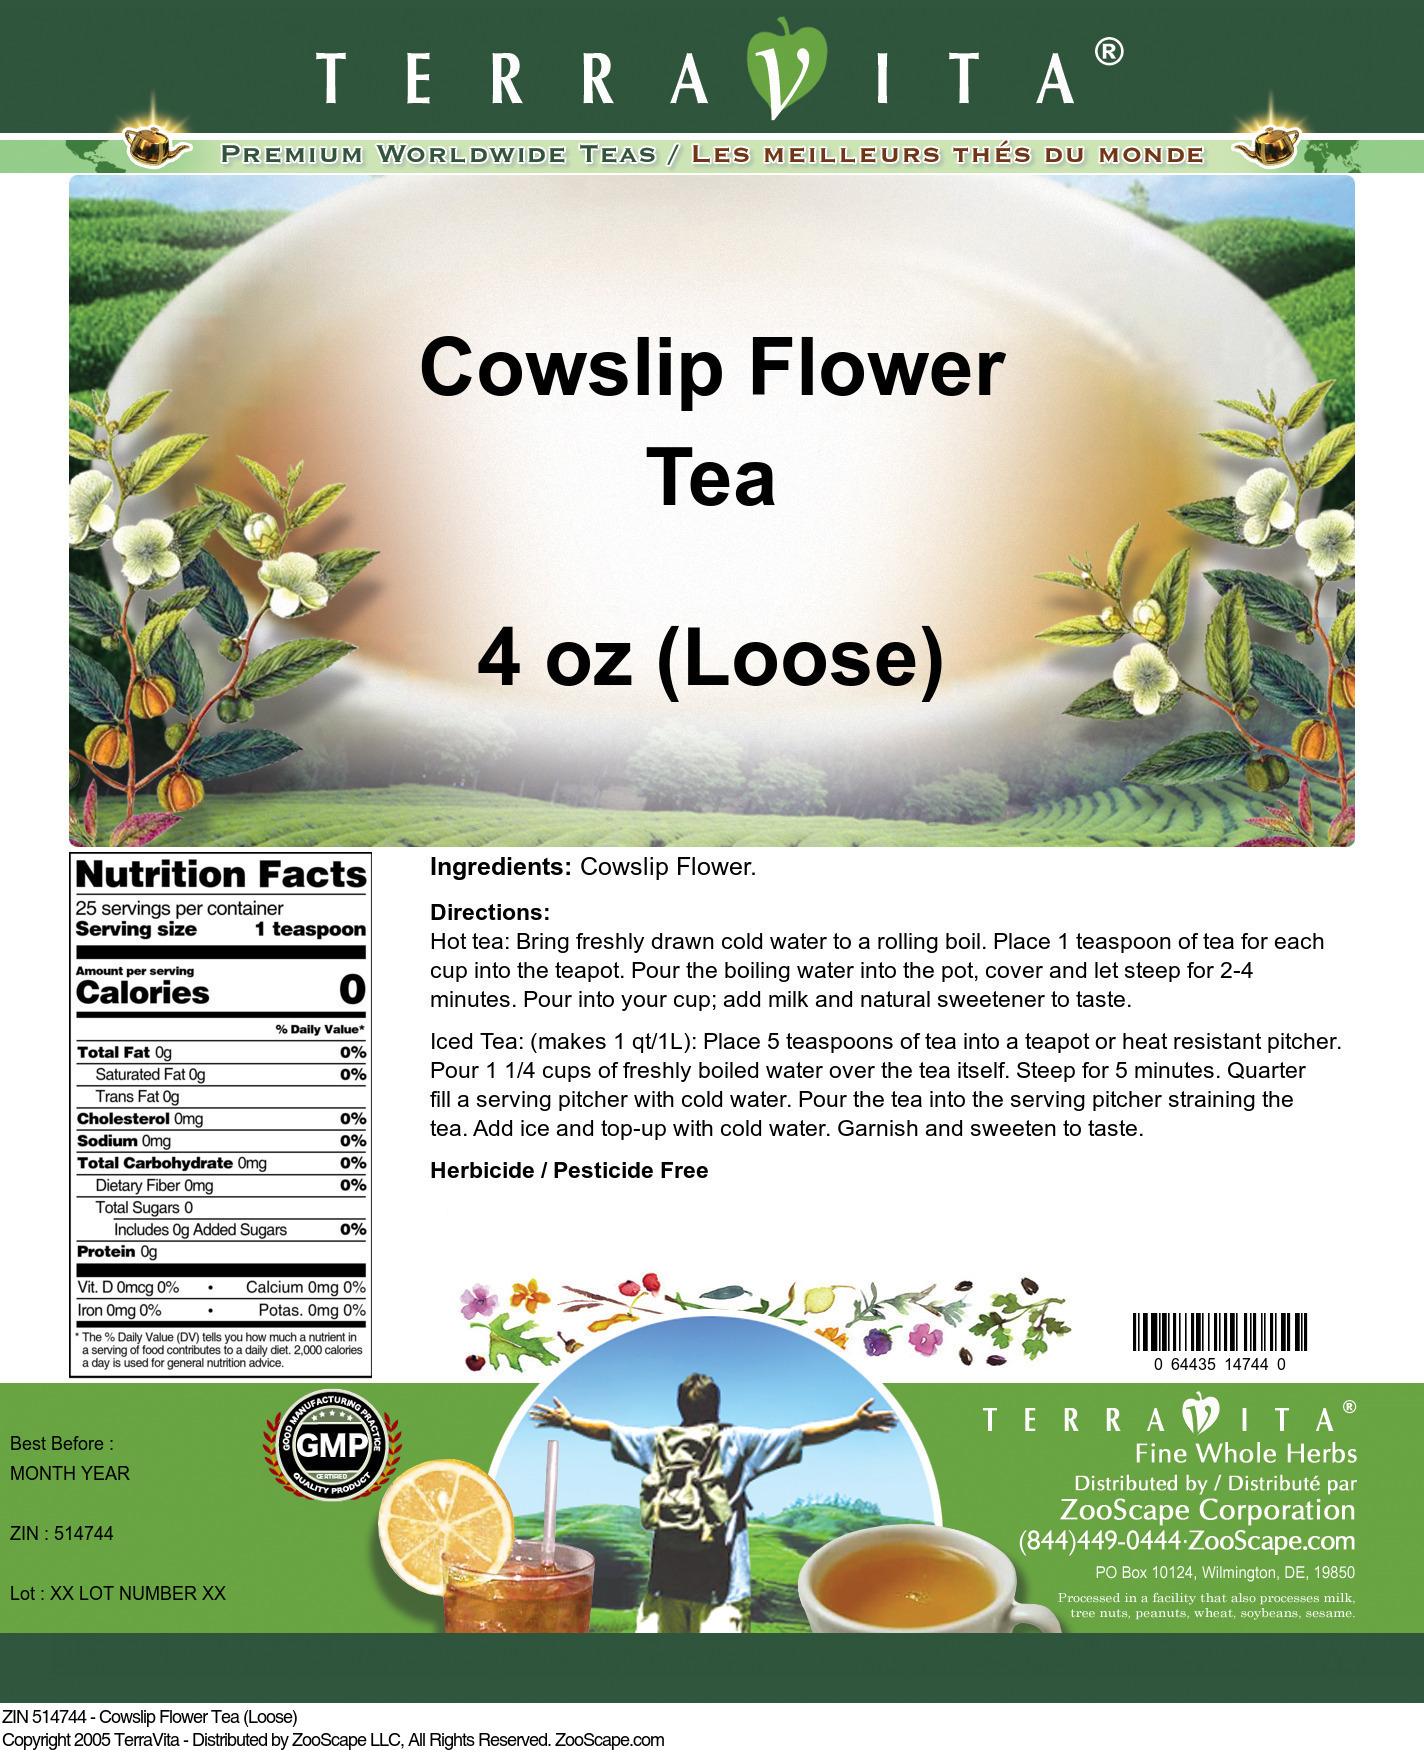 Cowslip Flower Tea (Loose)